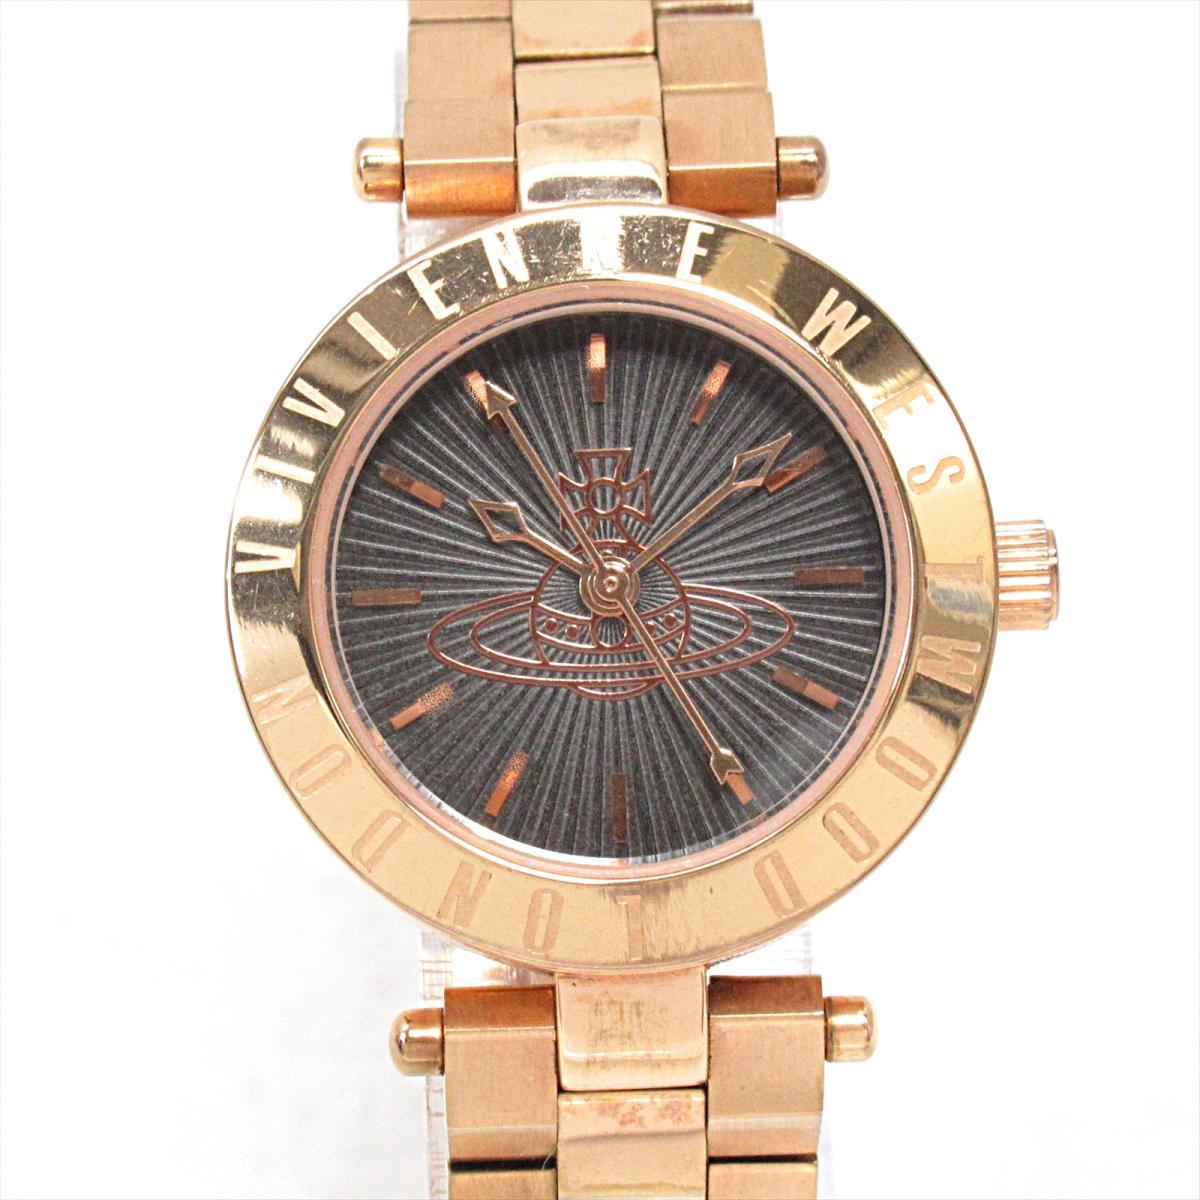 【中古】 ヴィヴィアンウエストウッド 腕時計 ウォッチ レディース ステンレススチール (SS) (VV092RS) | Vivienne Westwood クオーツ クォーツ 時計 Vivienne Westwood 時計 ブランドオフ BRANDOFF